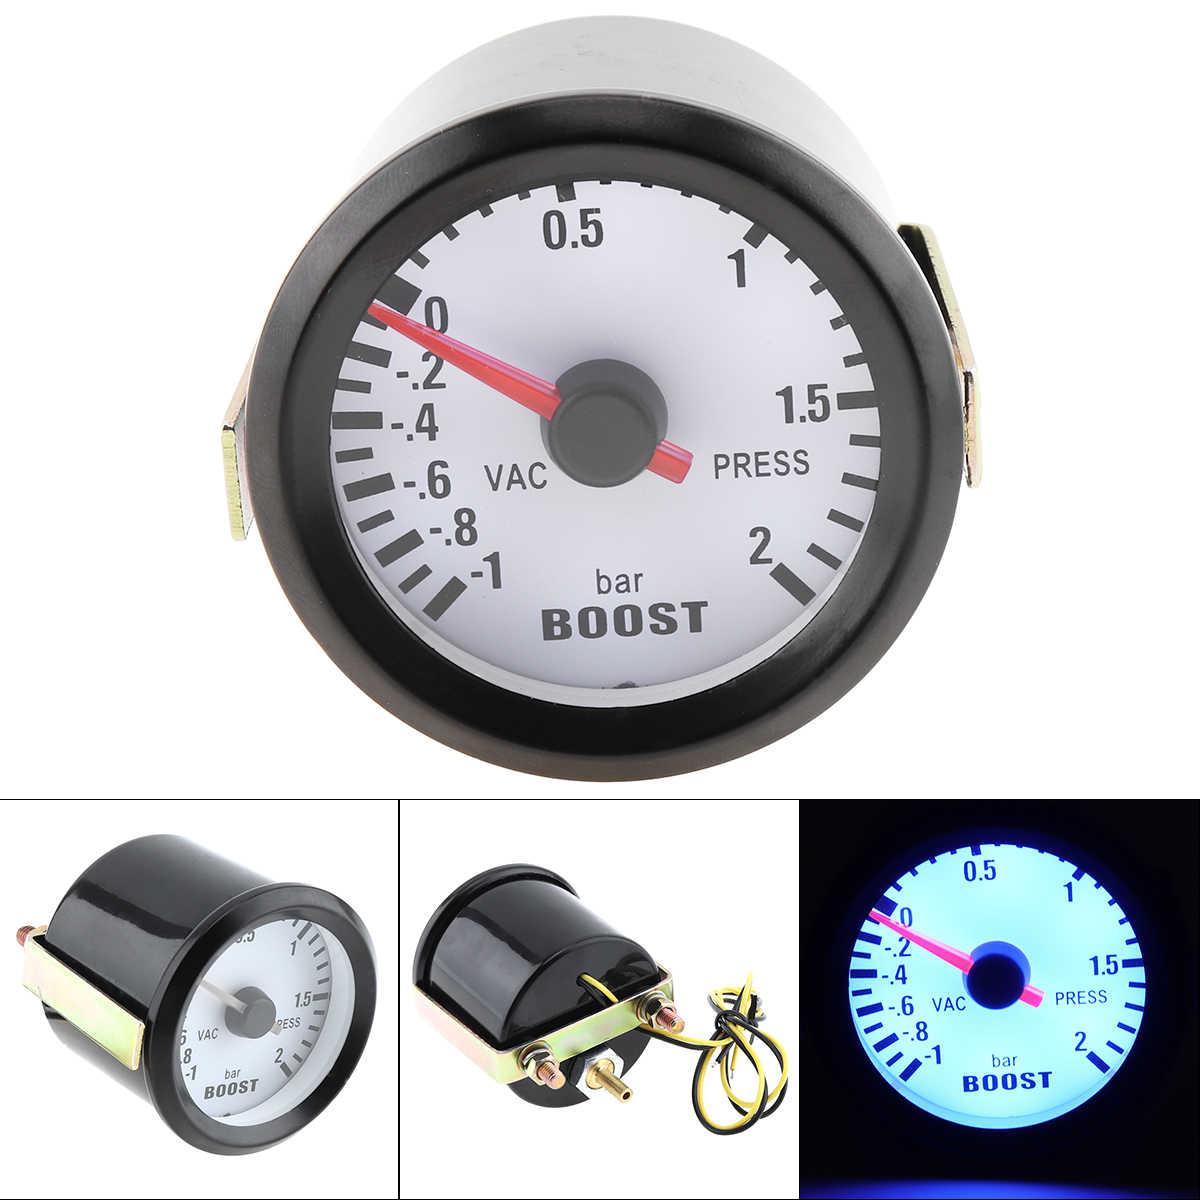 """6031BL 2 """"52mm 12V LED Xanh Dương-1 ~ 2 Thanh Turbo Boost Đo Đồng Hồ với Cảm Biến cho Xe Hơi/Ô Tàu/Xe Tải/ATV"""